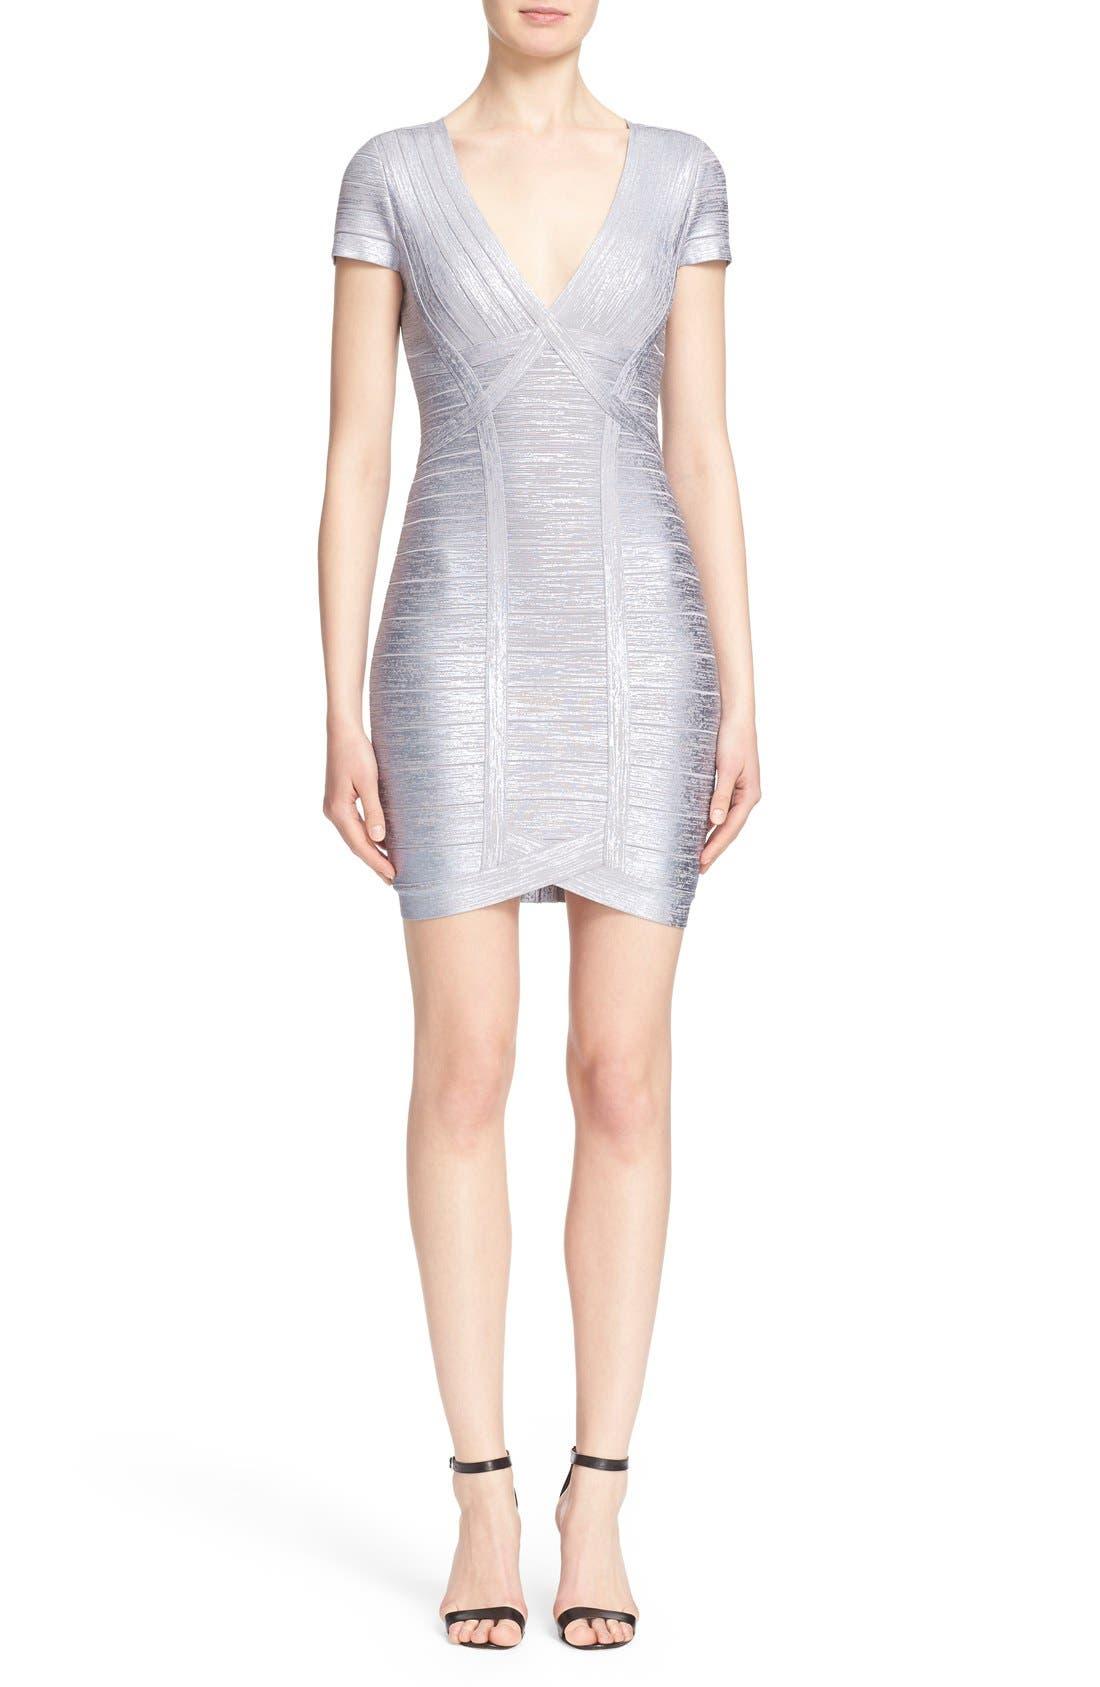 Alternate Image 1 Selected - Herve Leger 'Klaudia' Woodgrain Metallic Foil Dress